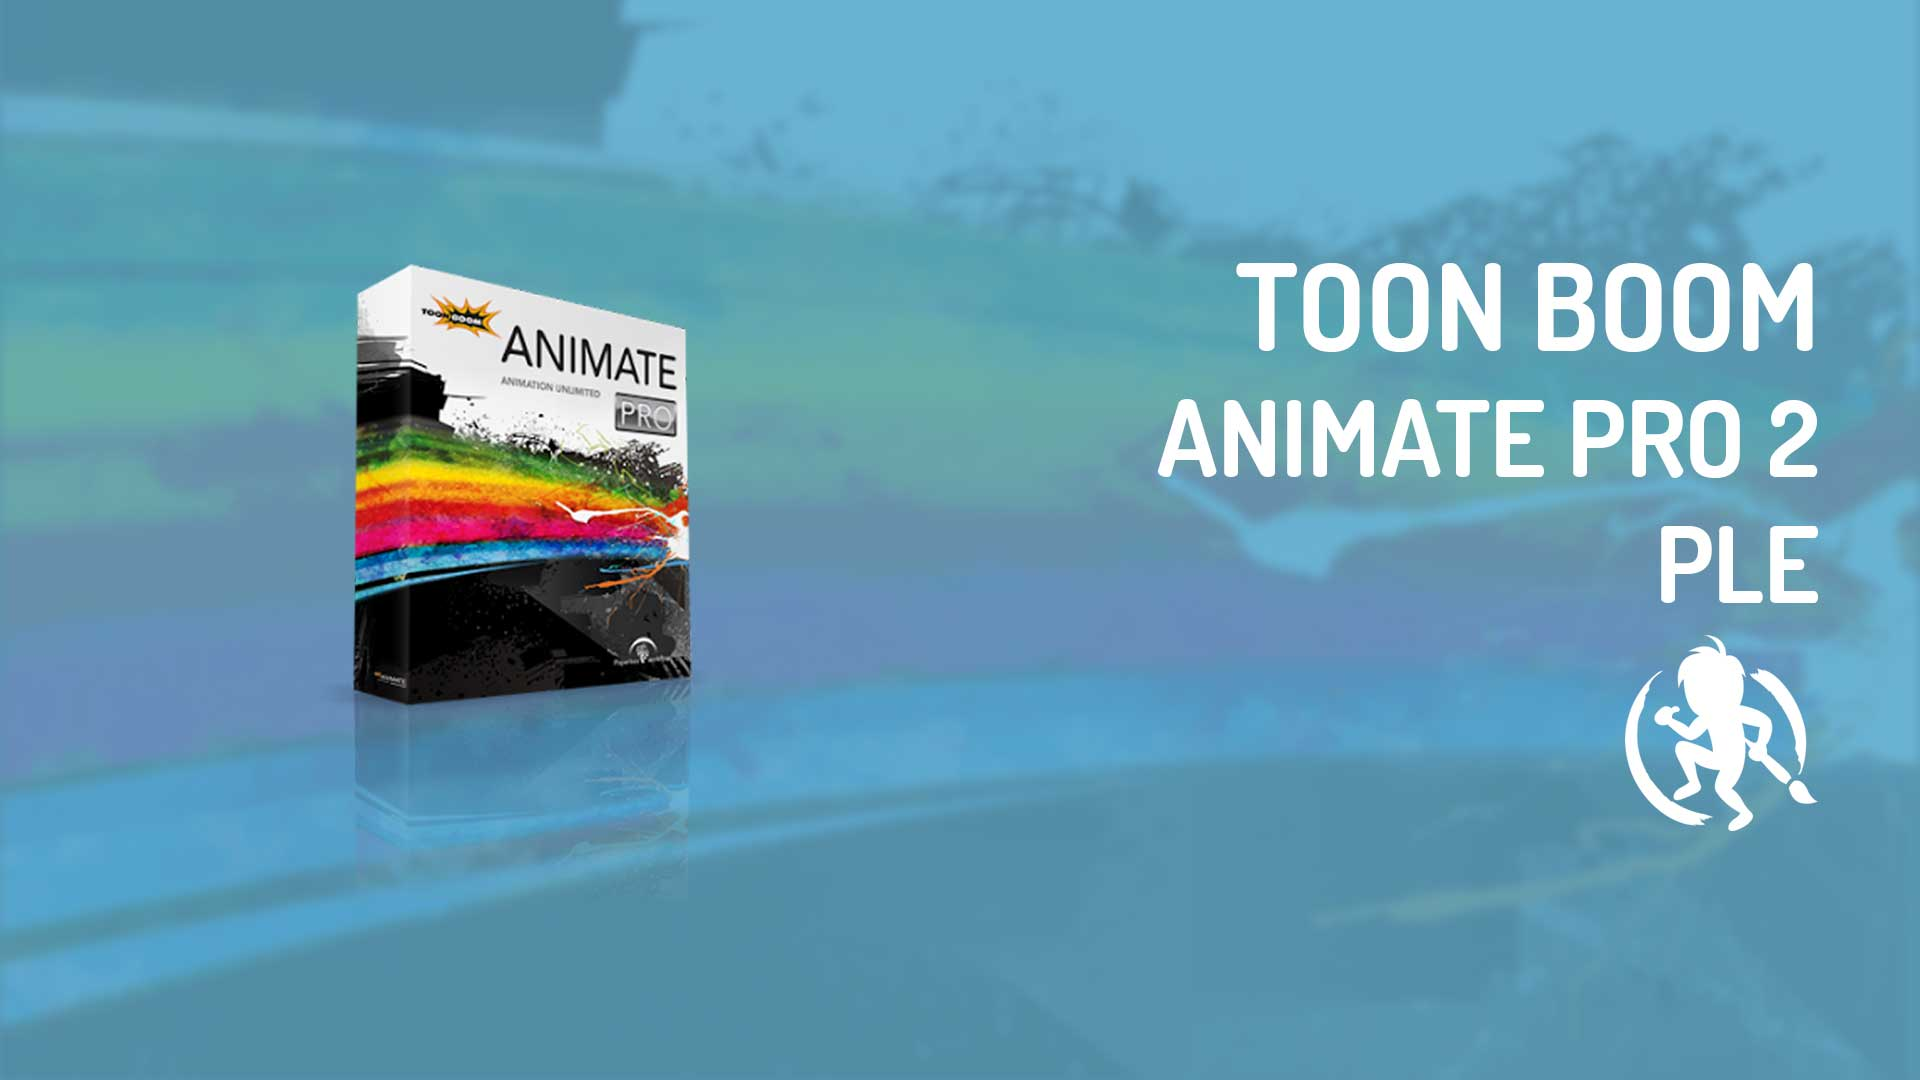 Toon Boom Animate Pro 2 PLE